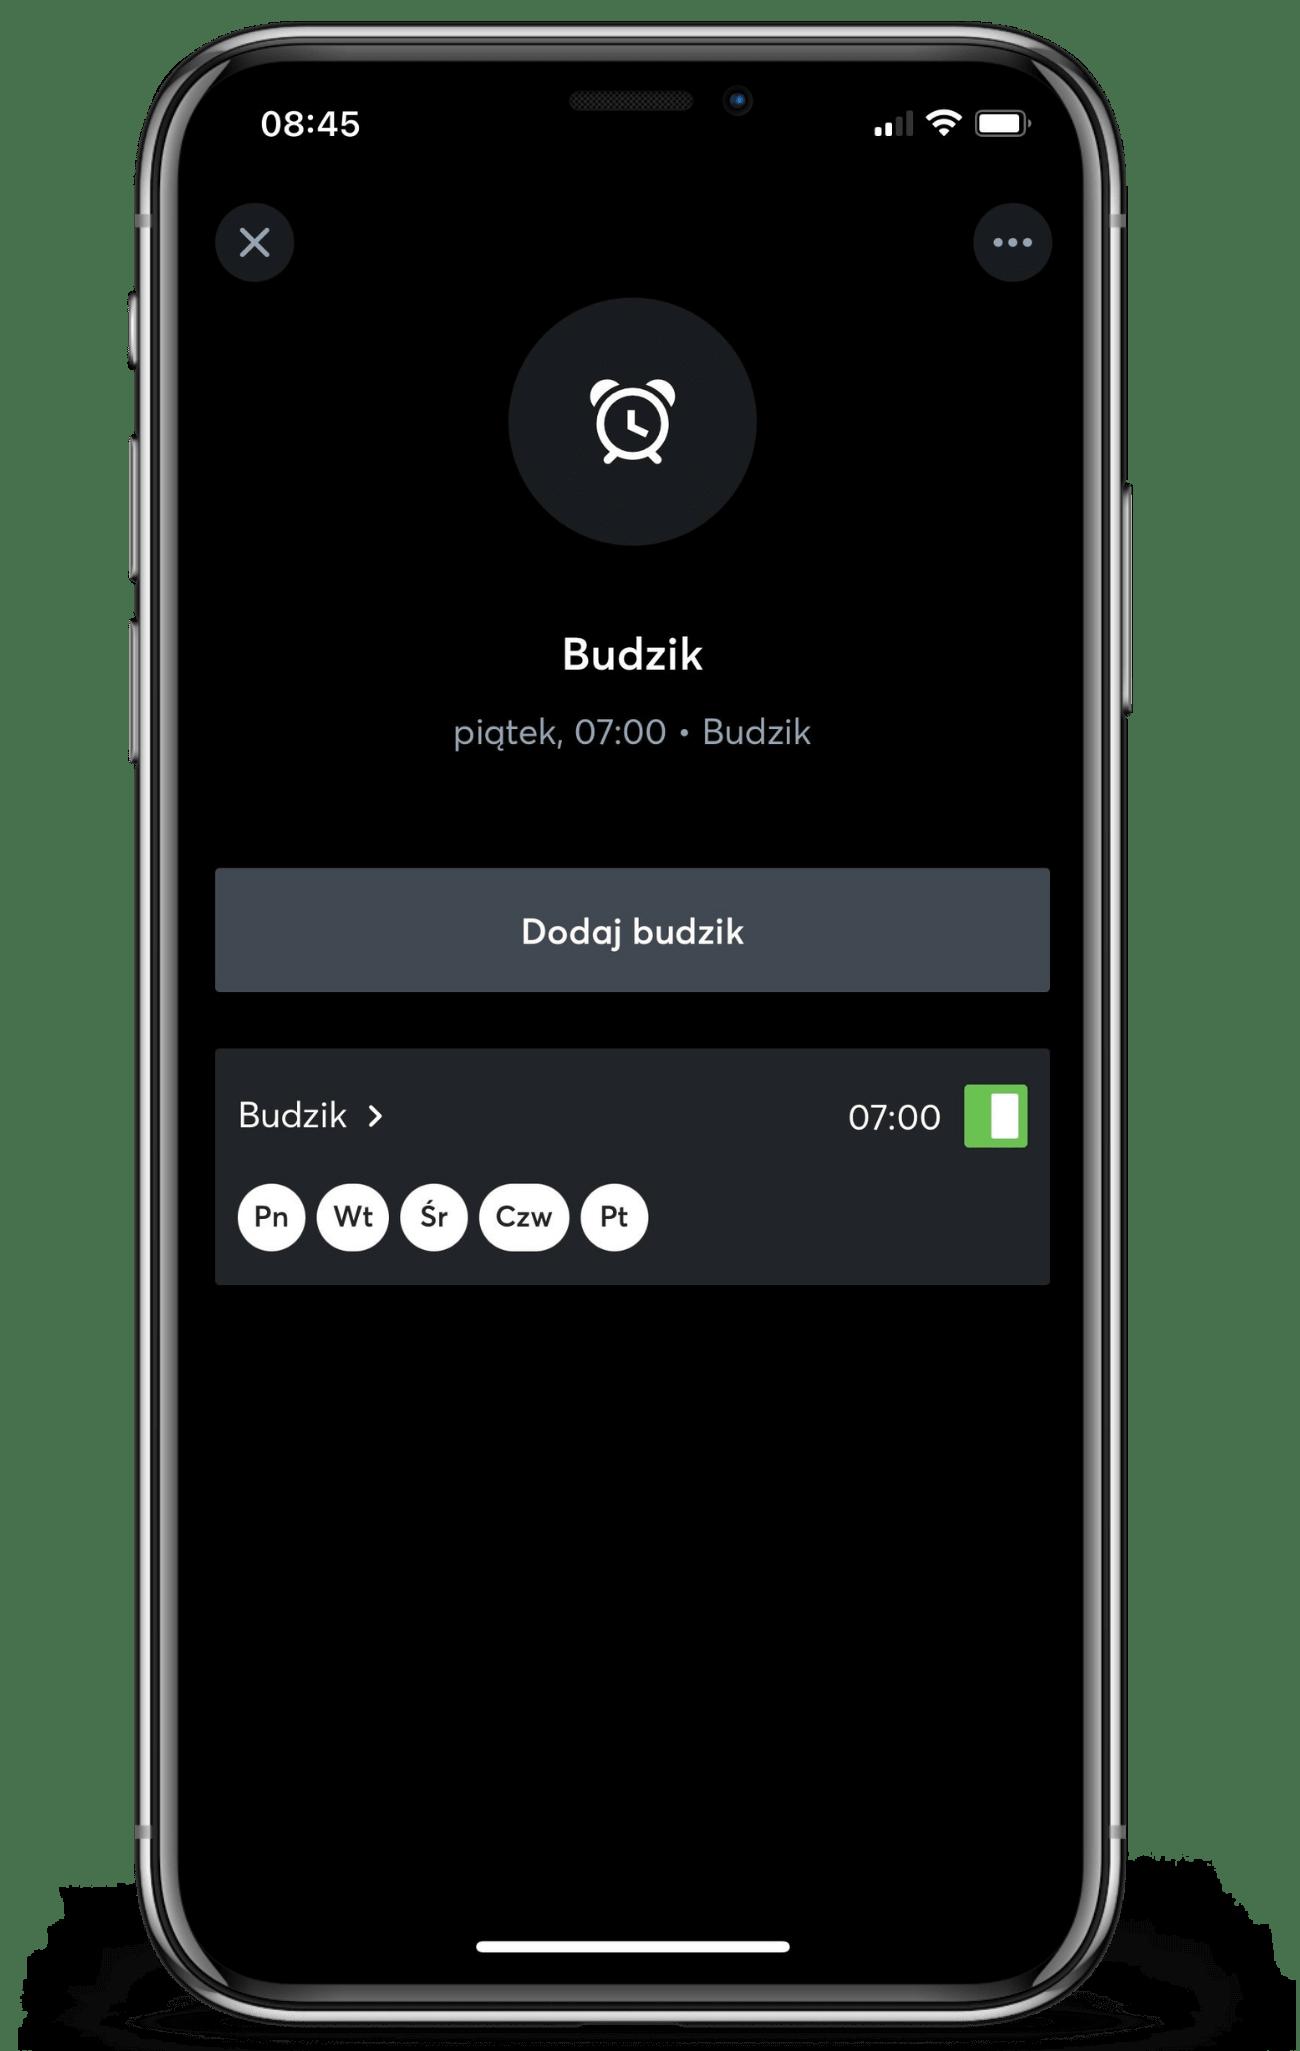 Budzik w aplikacji Loxone